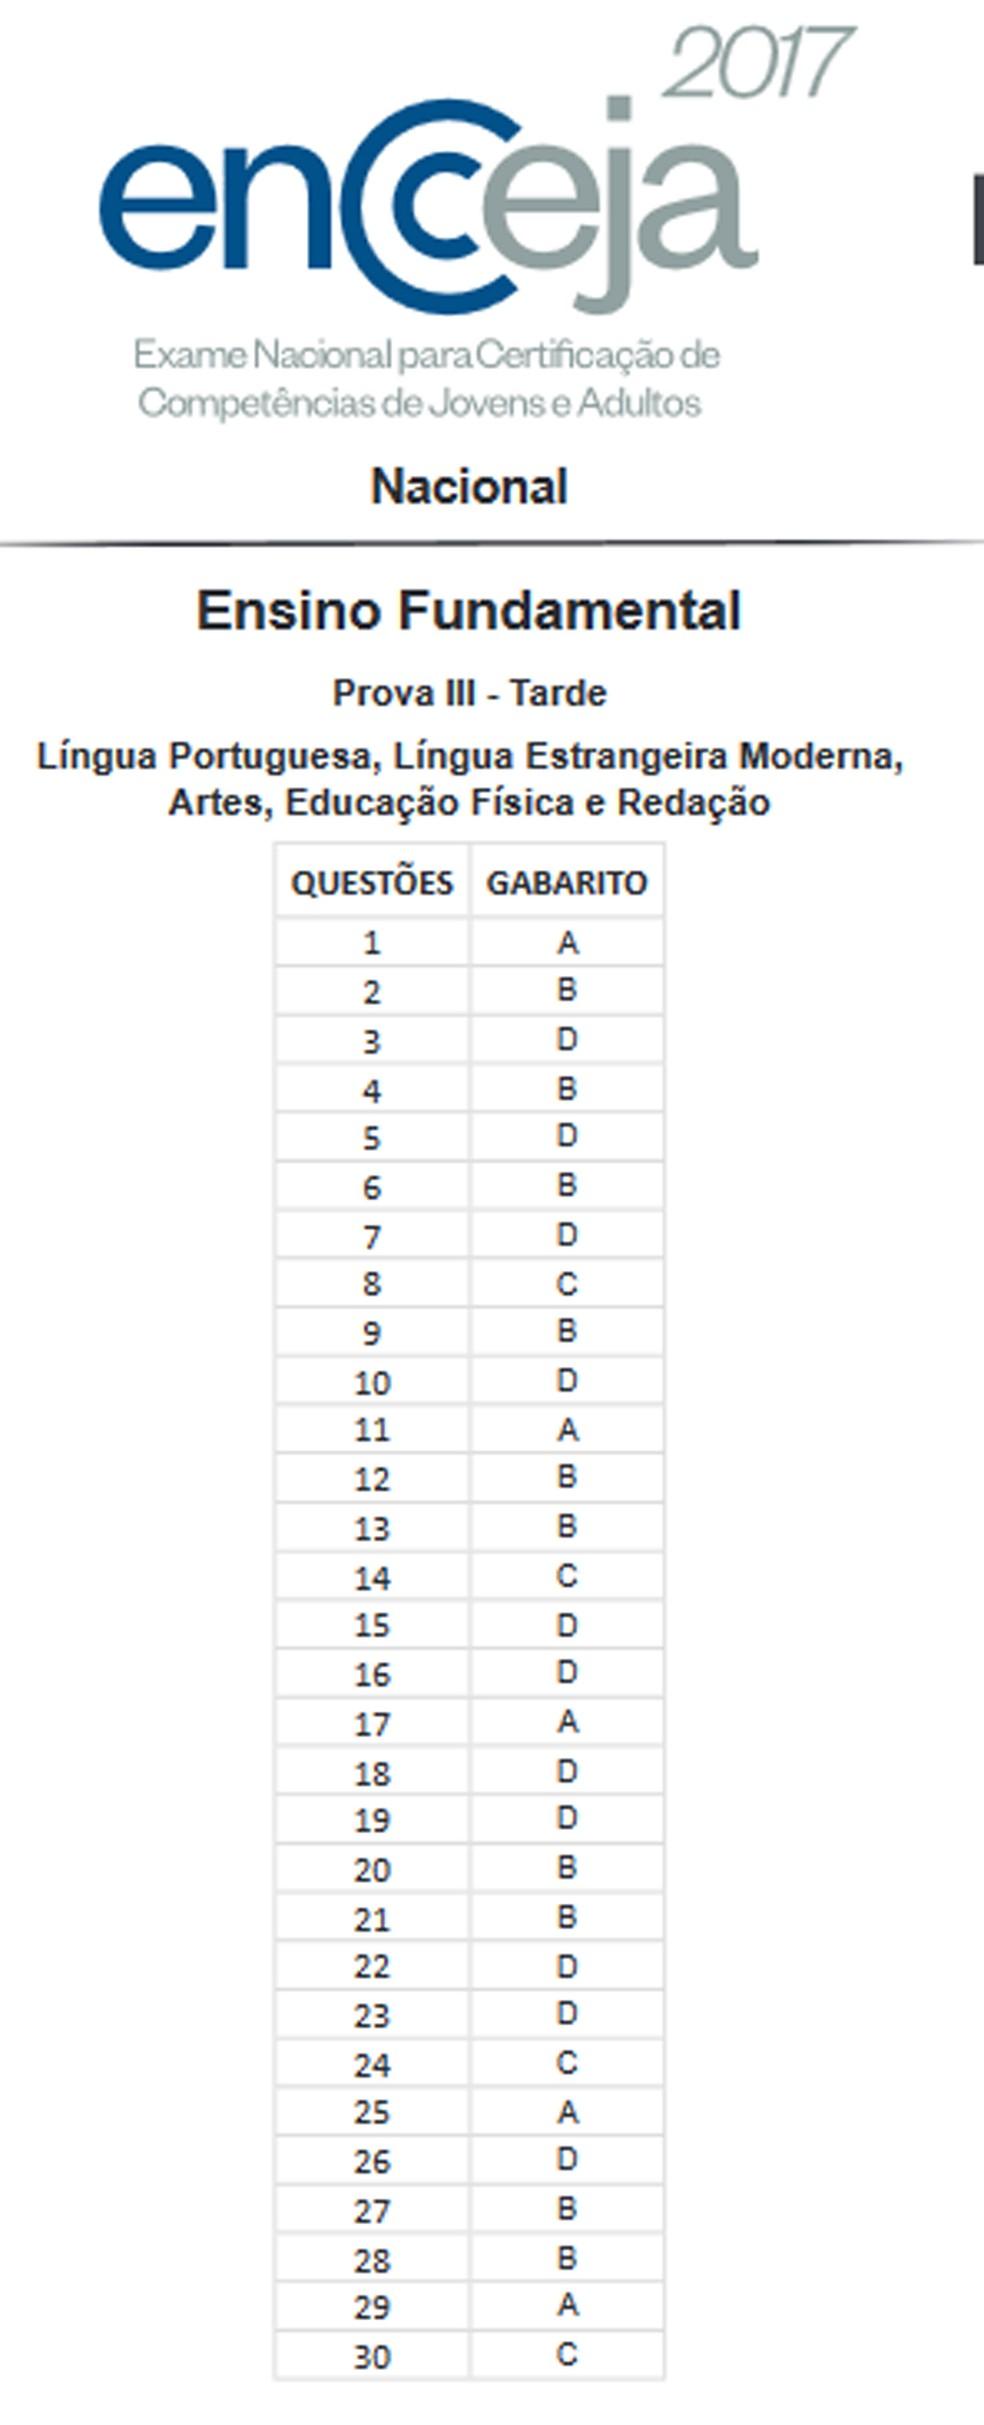 Gabarito Encceja - ensino fundamental - línguas e artes (Foto: Reprodução)